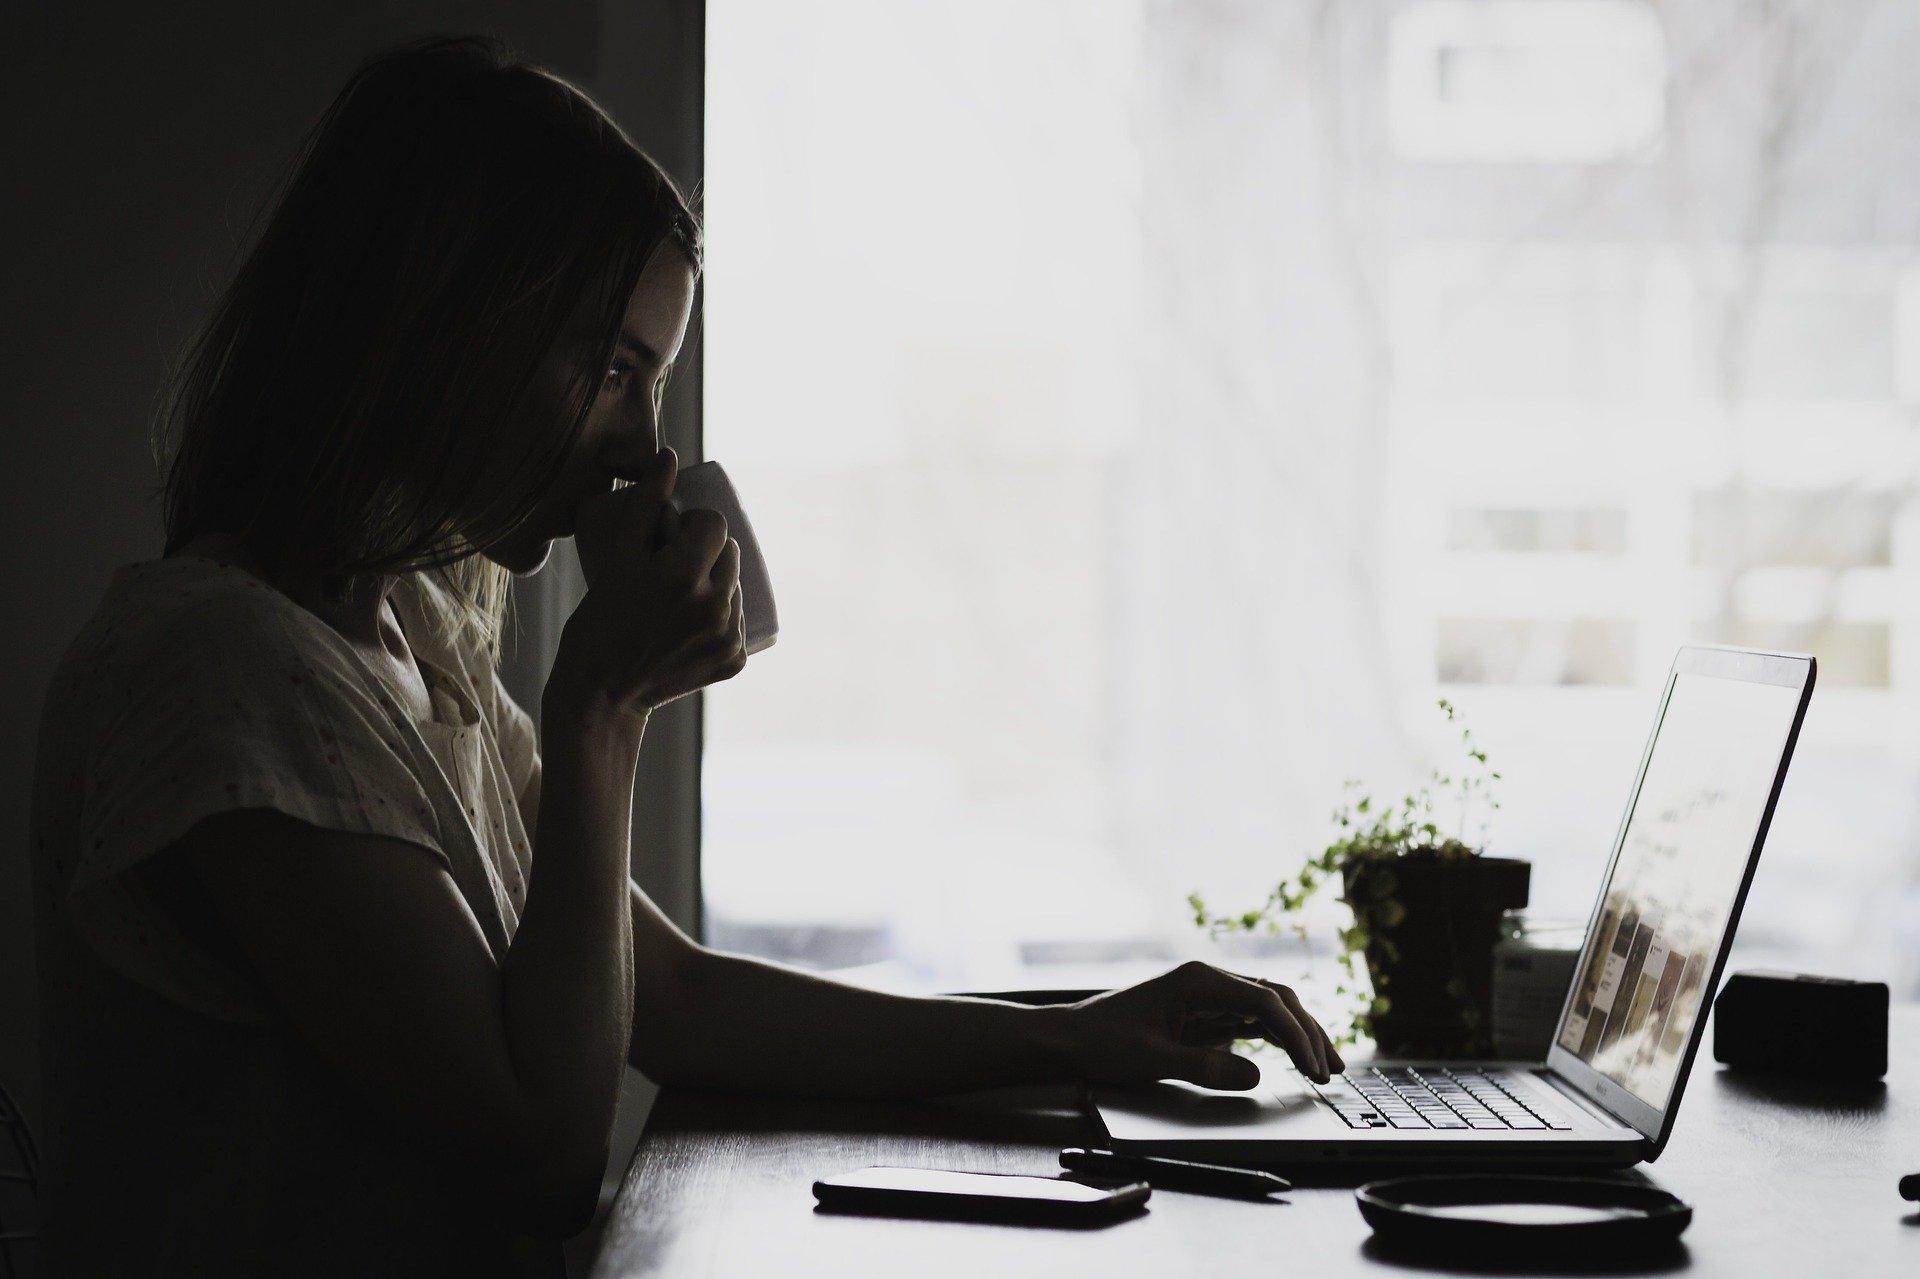 Кредит онлайн з простроченням і поганою кредитною історією